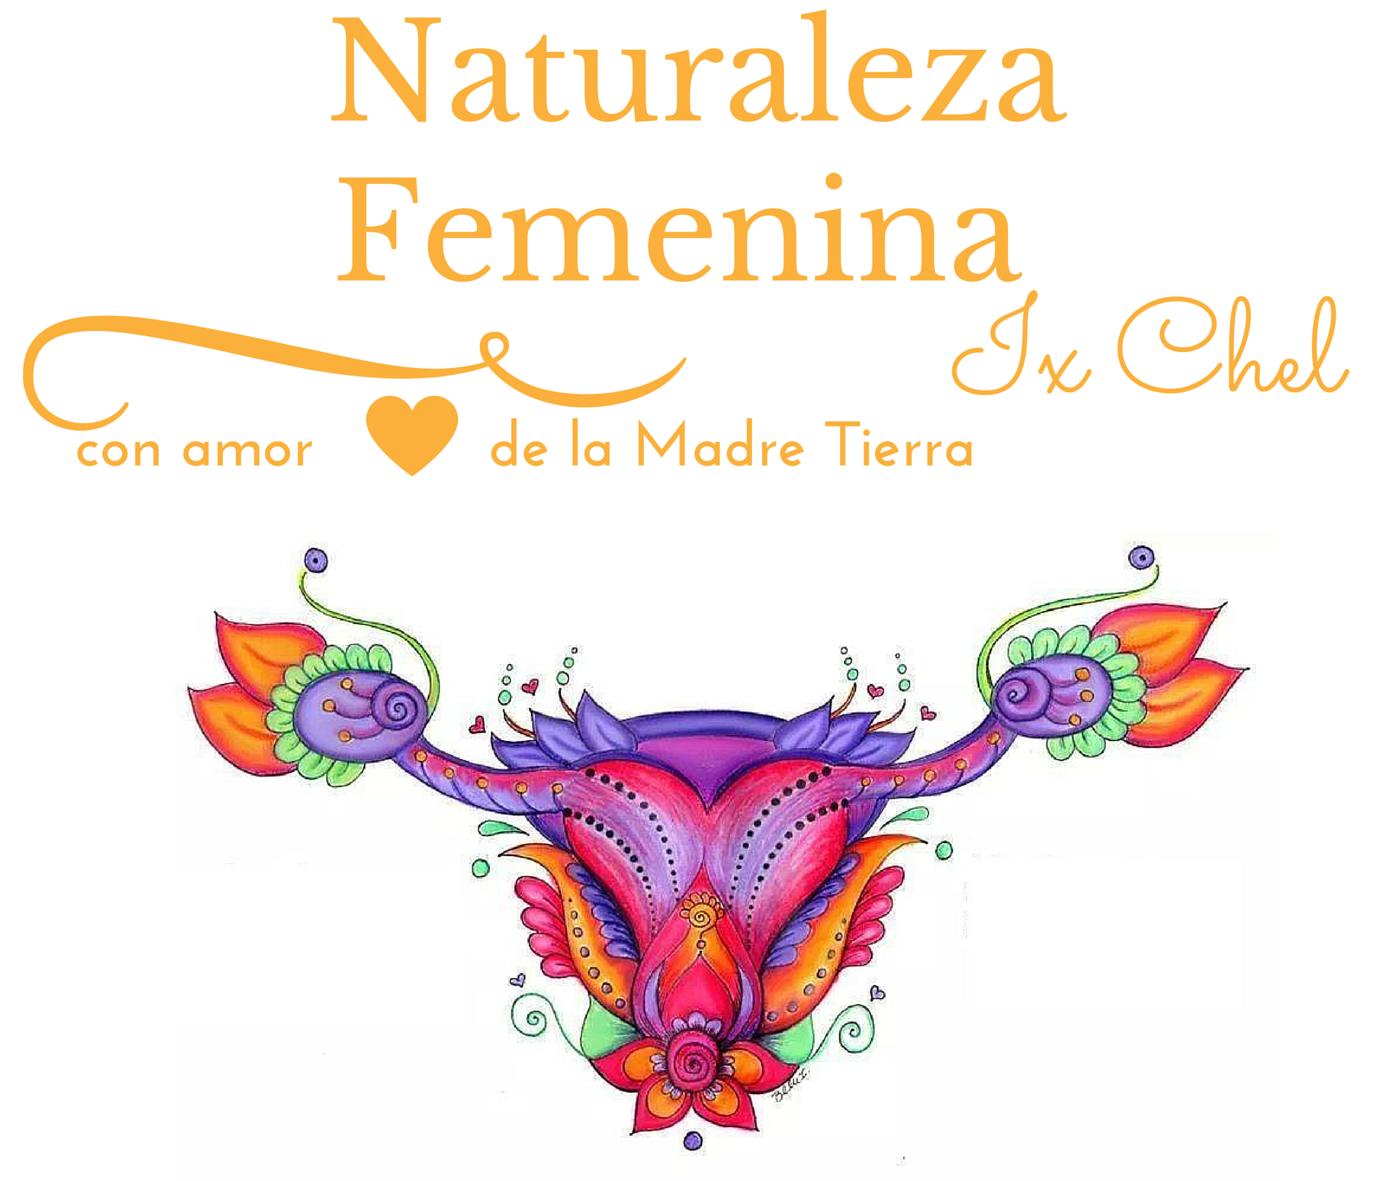 VISITA NUESTRA WEB SOBRE TEMA FEMENINO